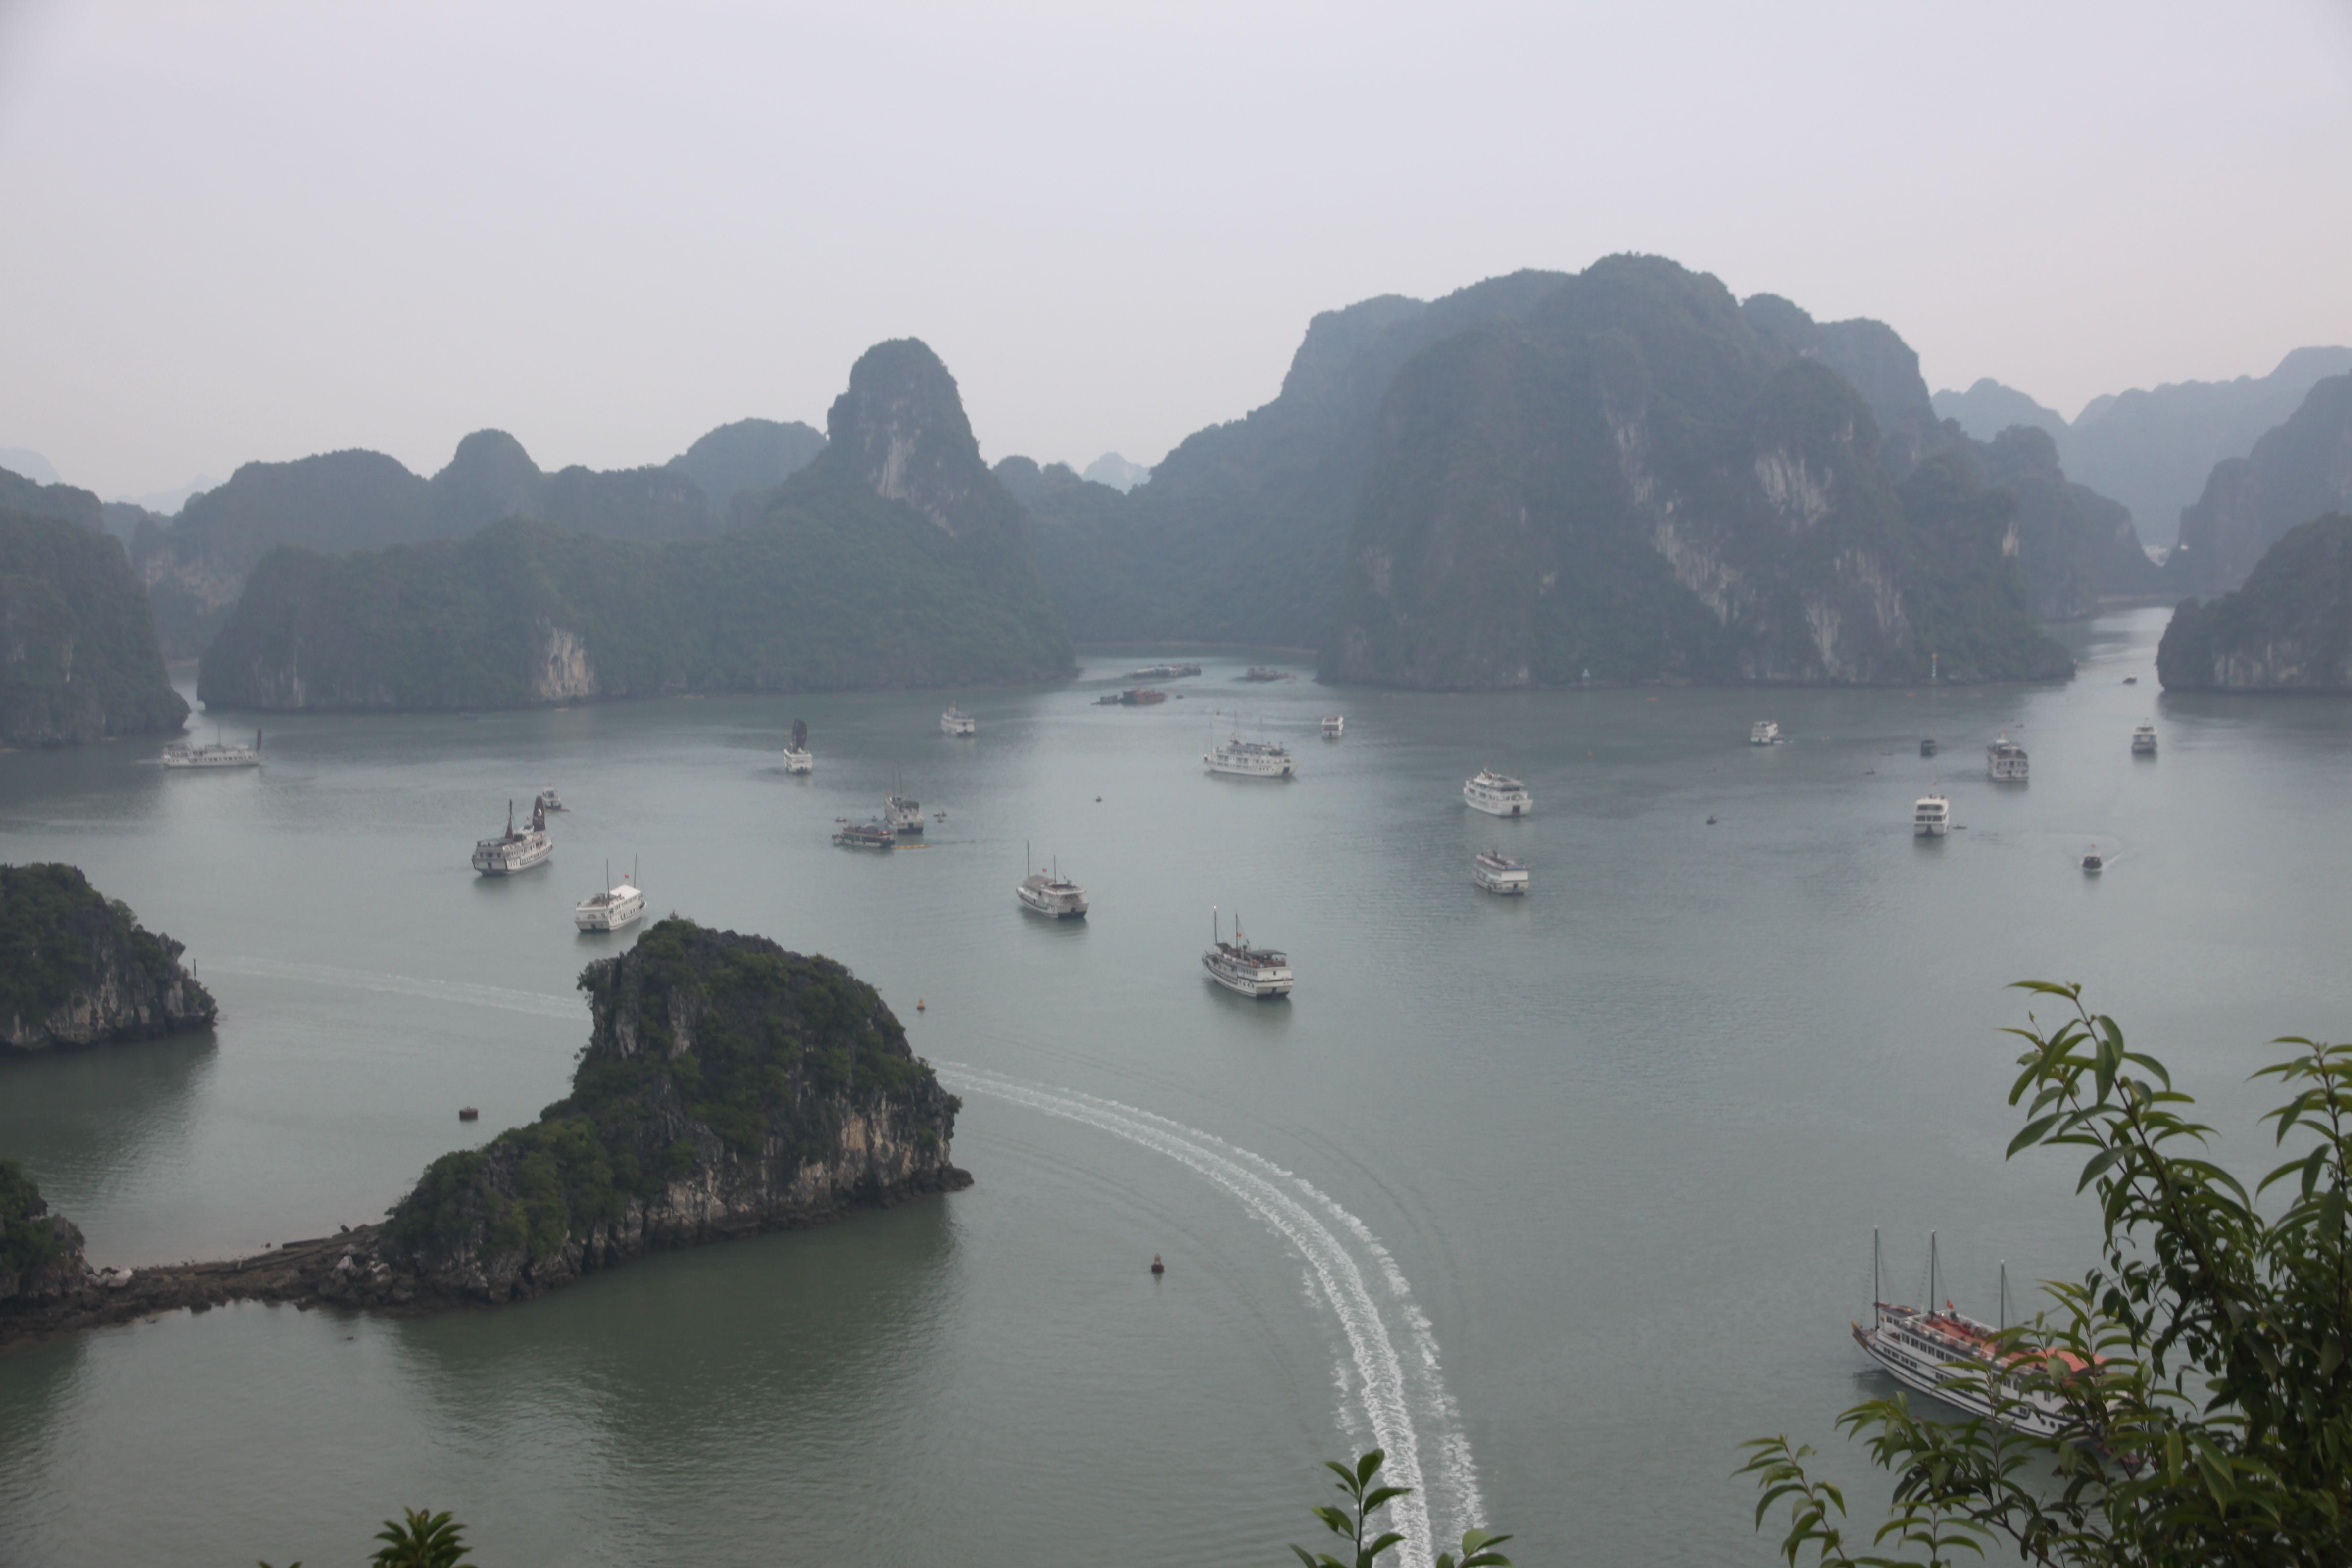 Vịnh Hạ Long Ha Long Bay In Thanh Phố Hạ Long Tỉnh Quảng Ninh Ha Long Bay Ha Long Cat Ba Island